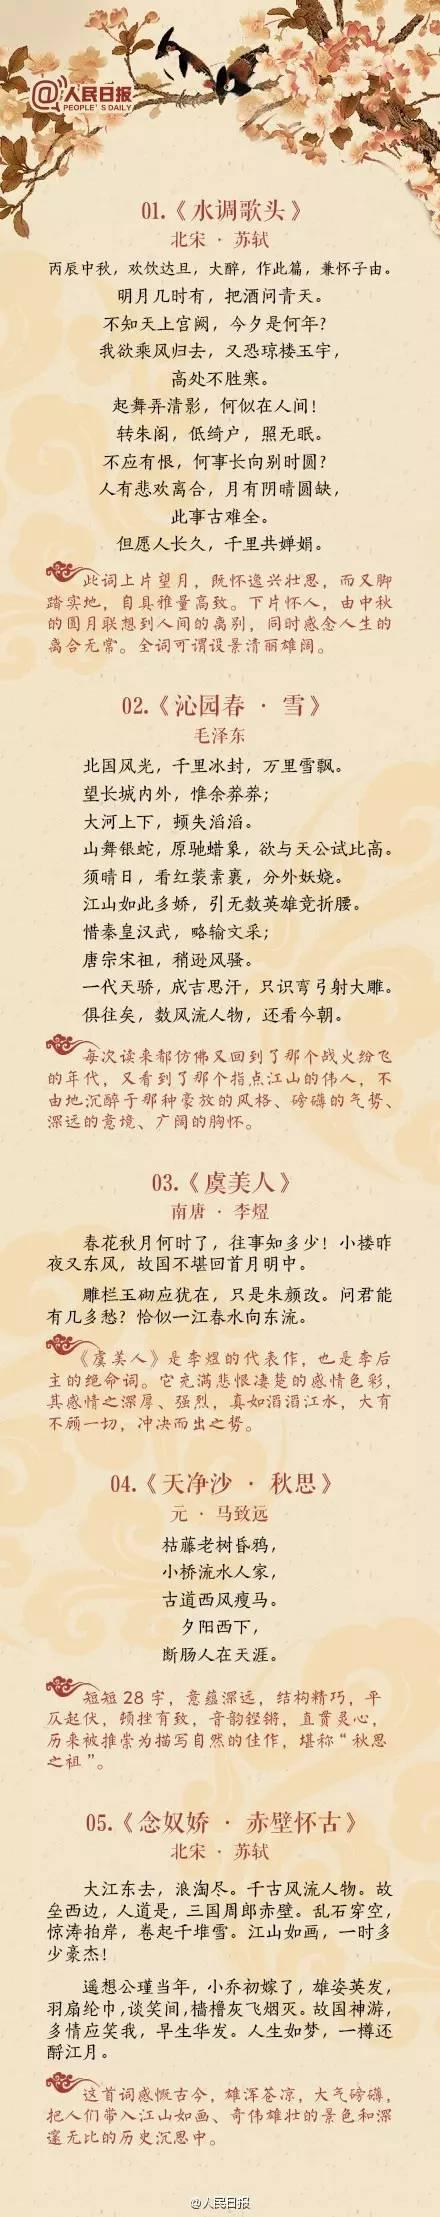 """中国历史上高水平的40首诗词,你还会背的不超过10首"""""""